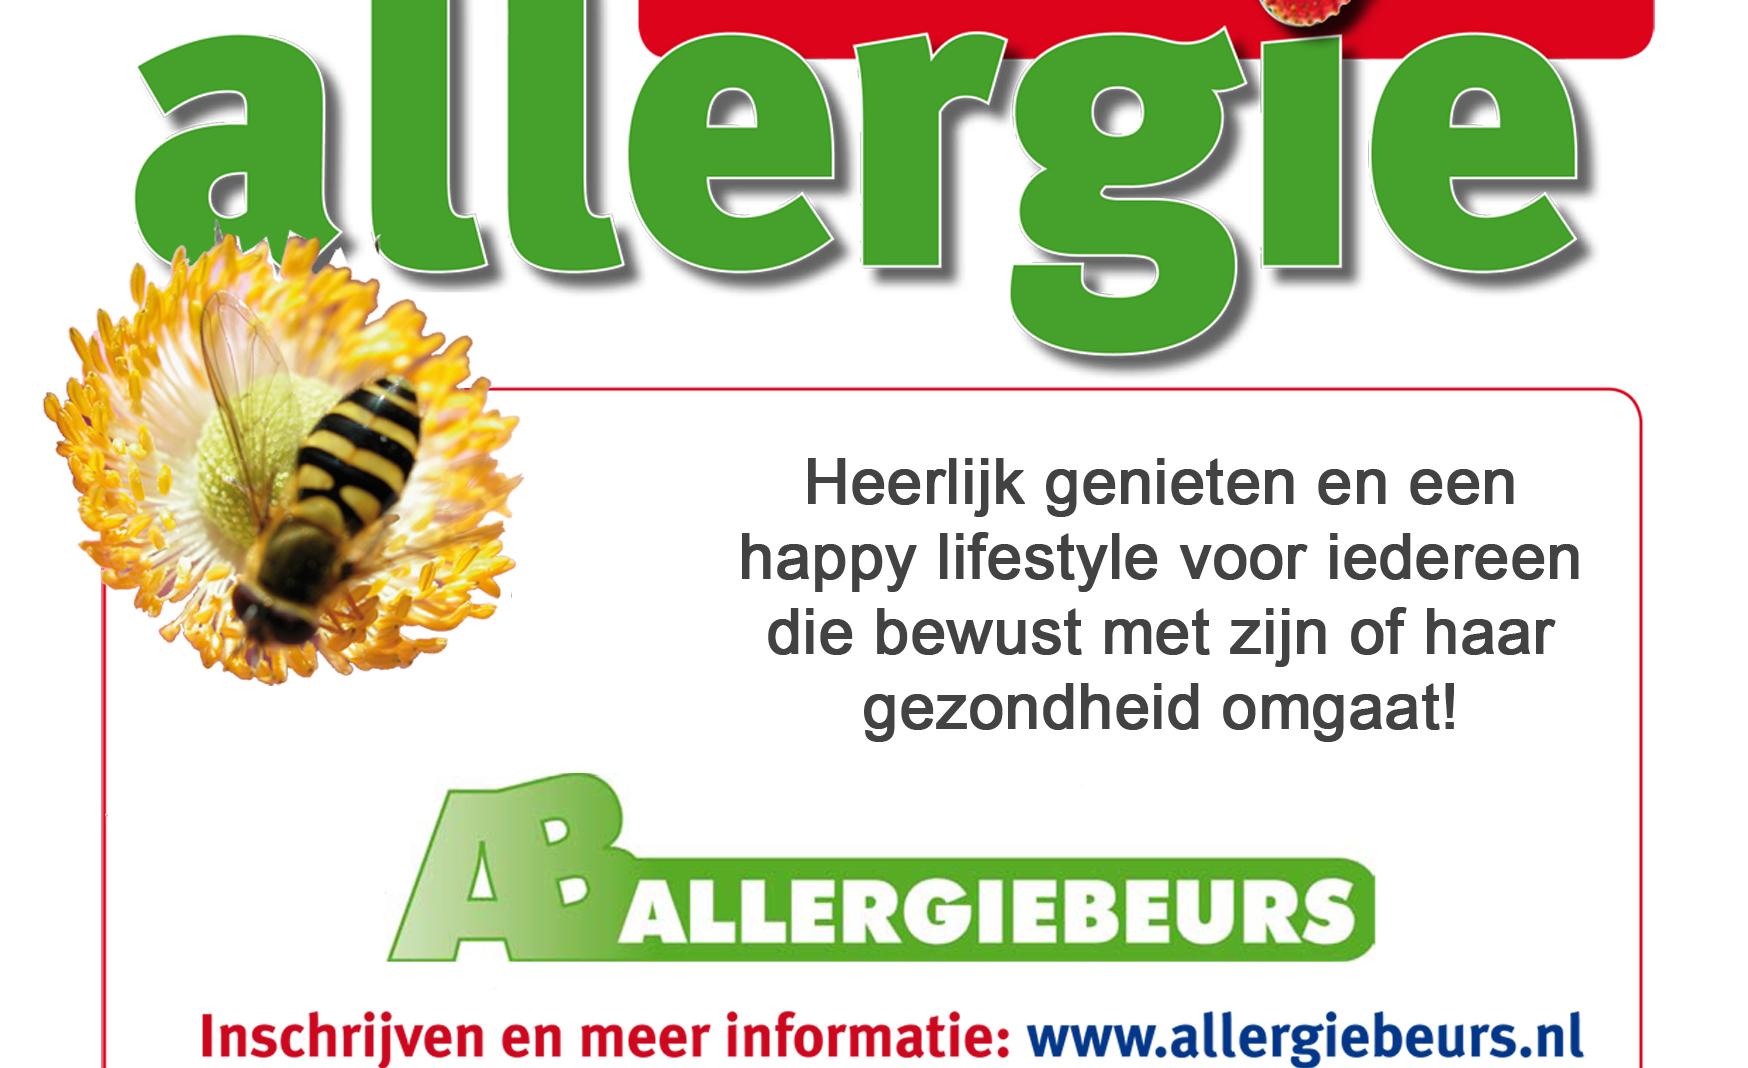 allergiebeurs_houten_29_30_mei_2015